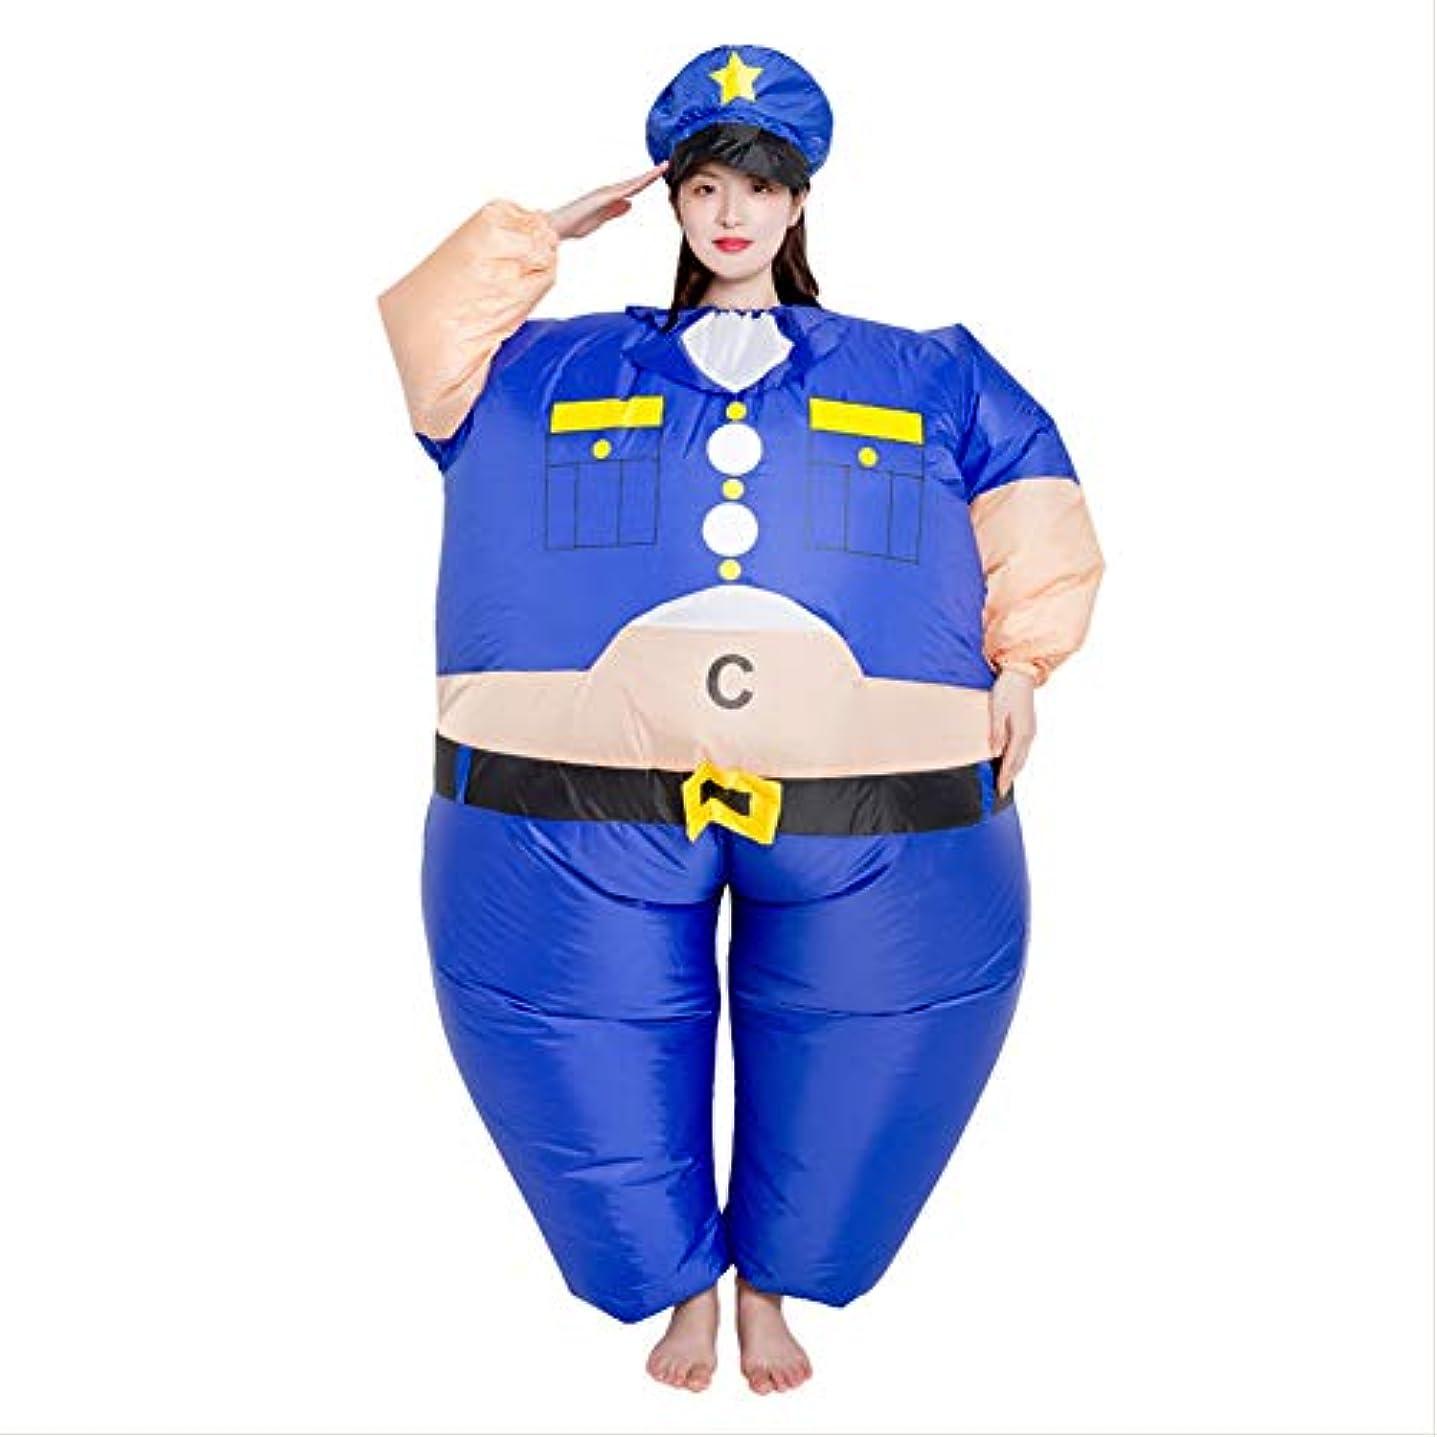 請うさようなら型fanituhan ハロウィン クリスマス 警察 でぶ警察 おもしろ 面白い インフレータブル 空気充填 膨張式 衣装セット 着ぐるみ コスチューム パーティー 学園祭り 忘年会 大人用